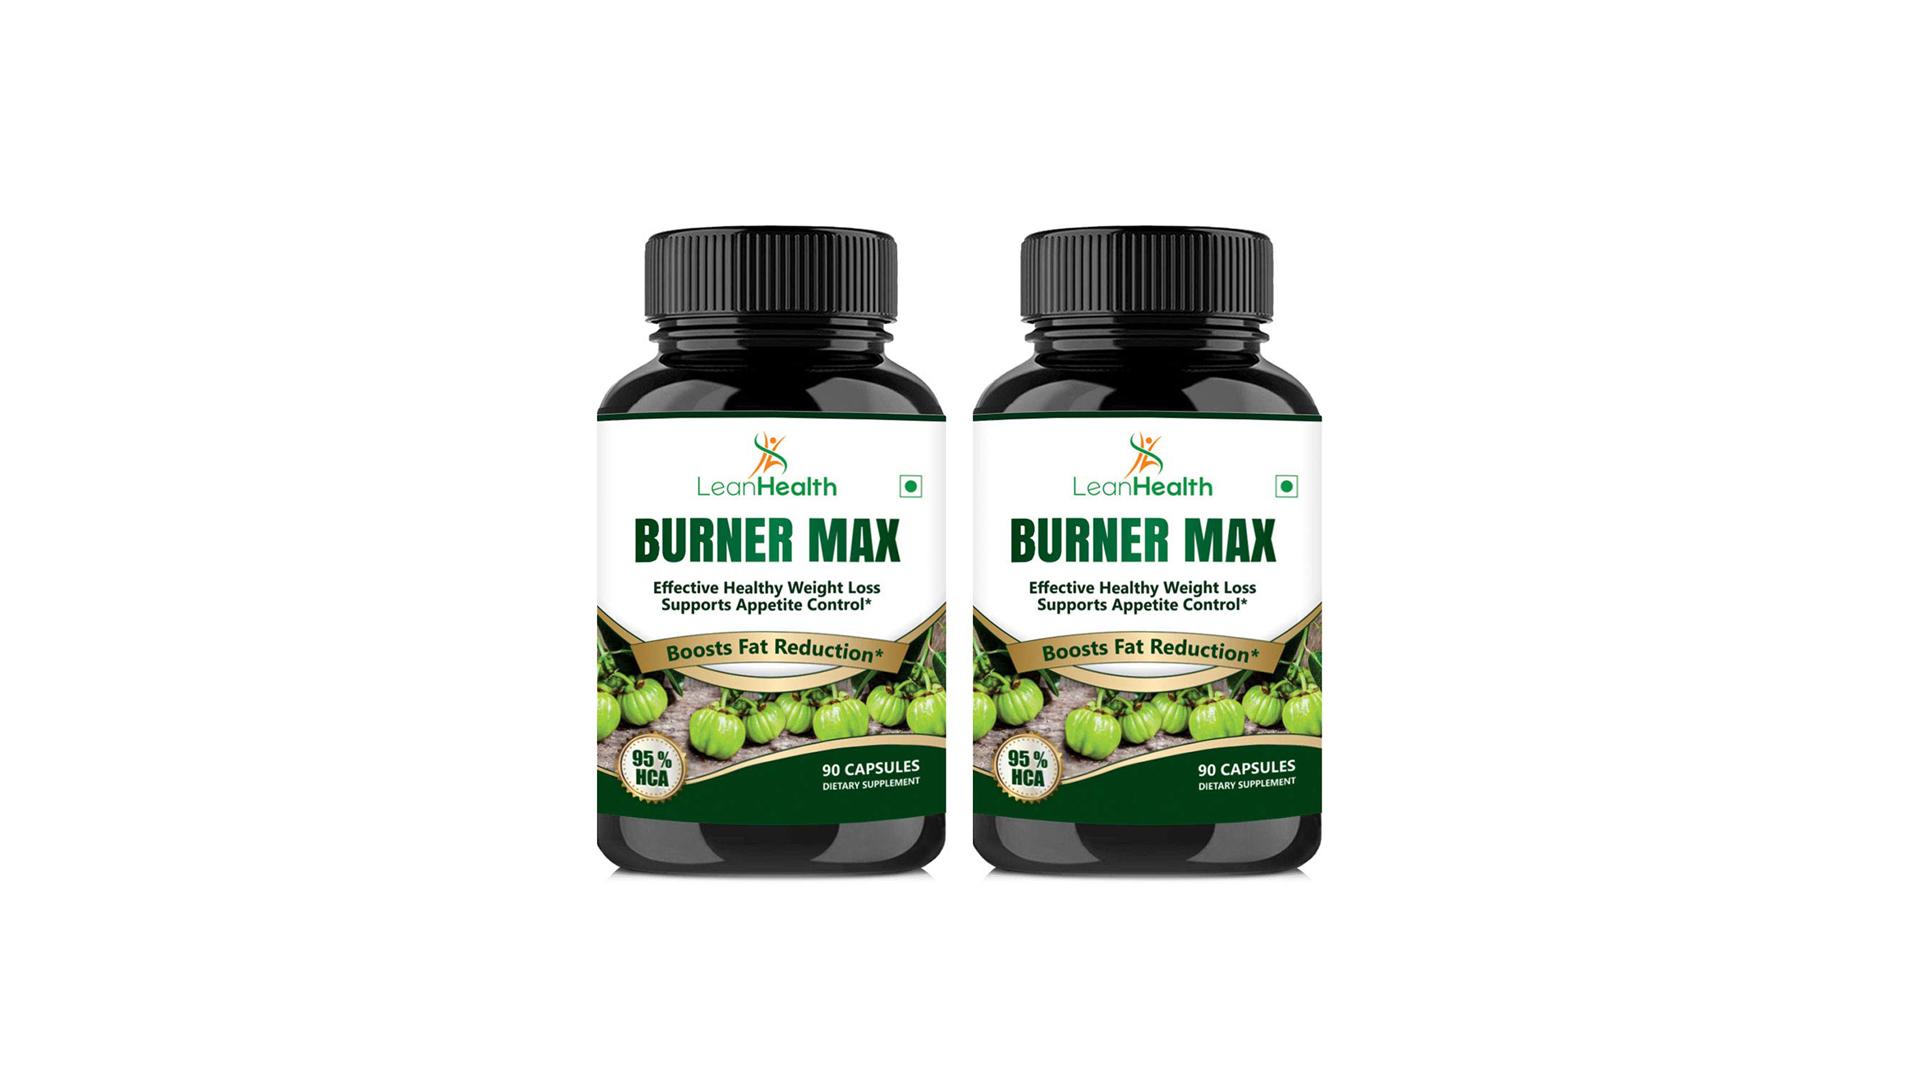 Lean Health Burner Max